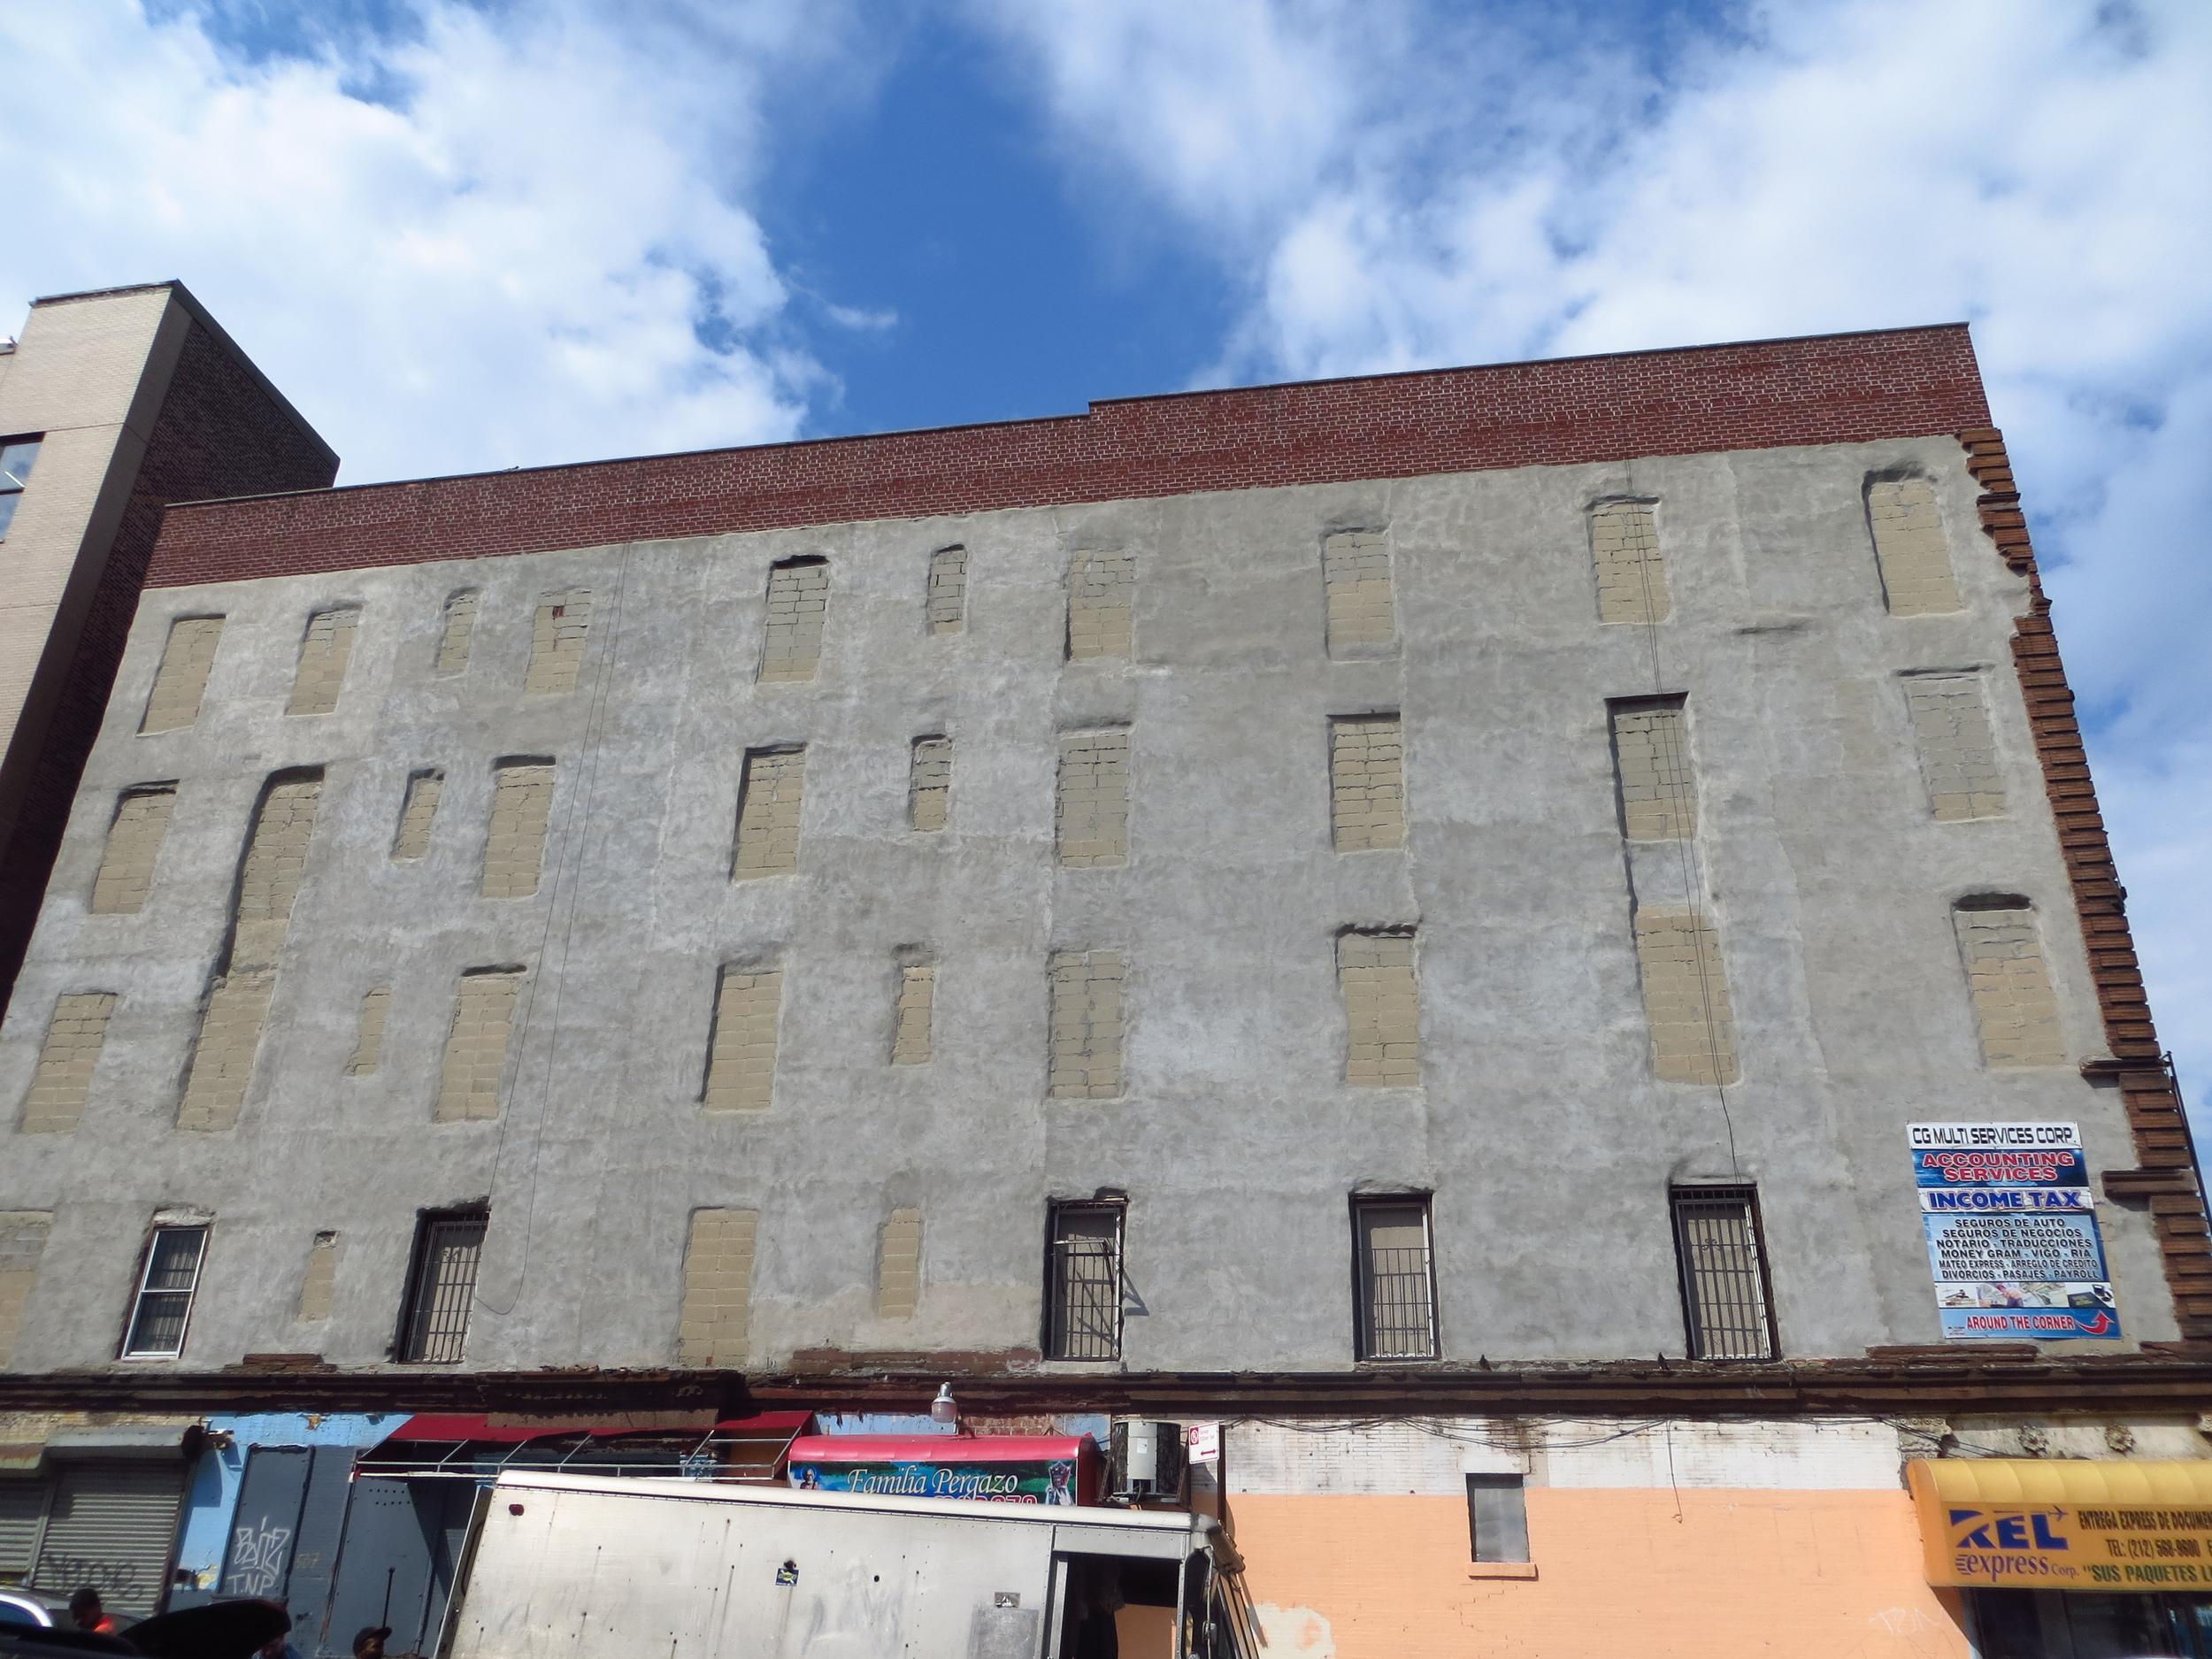 Cinderblocked windows